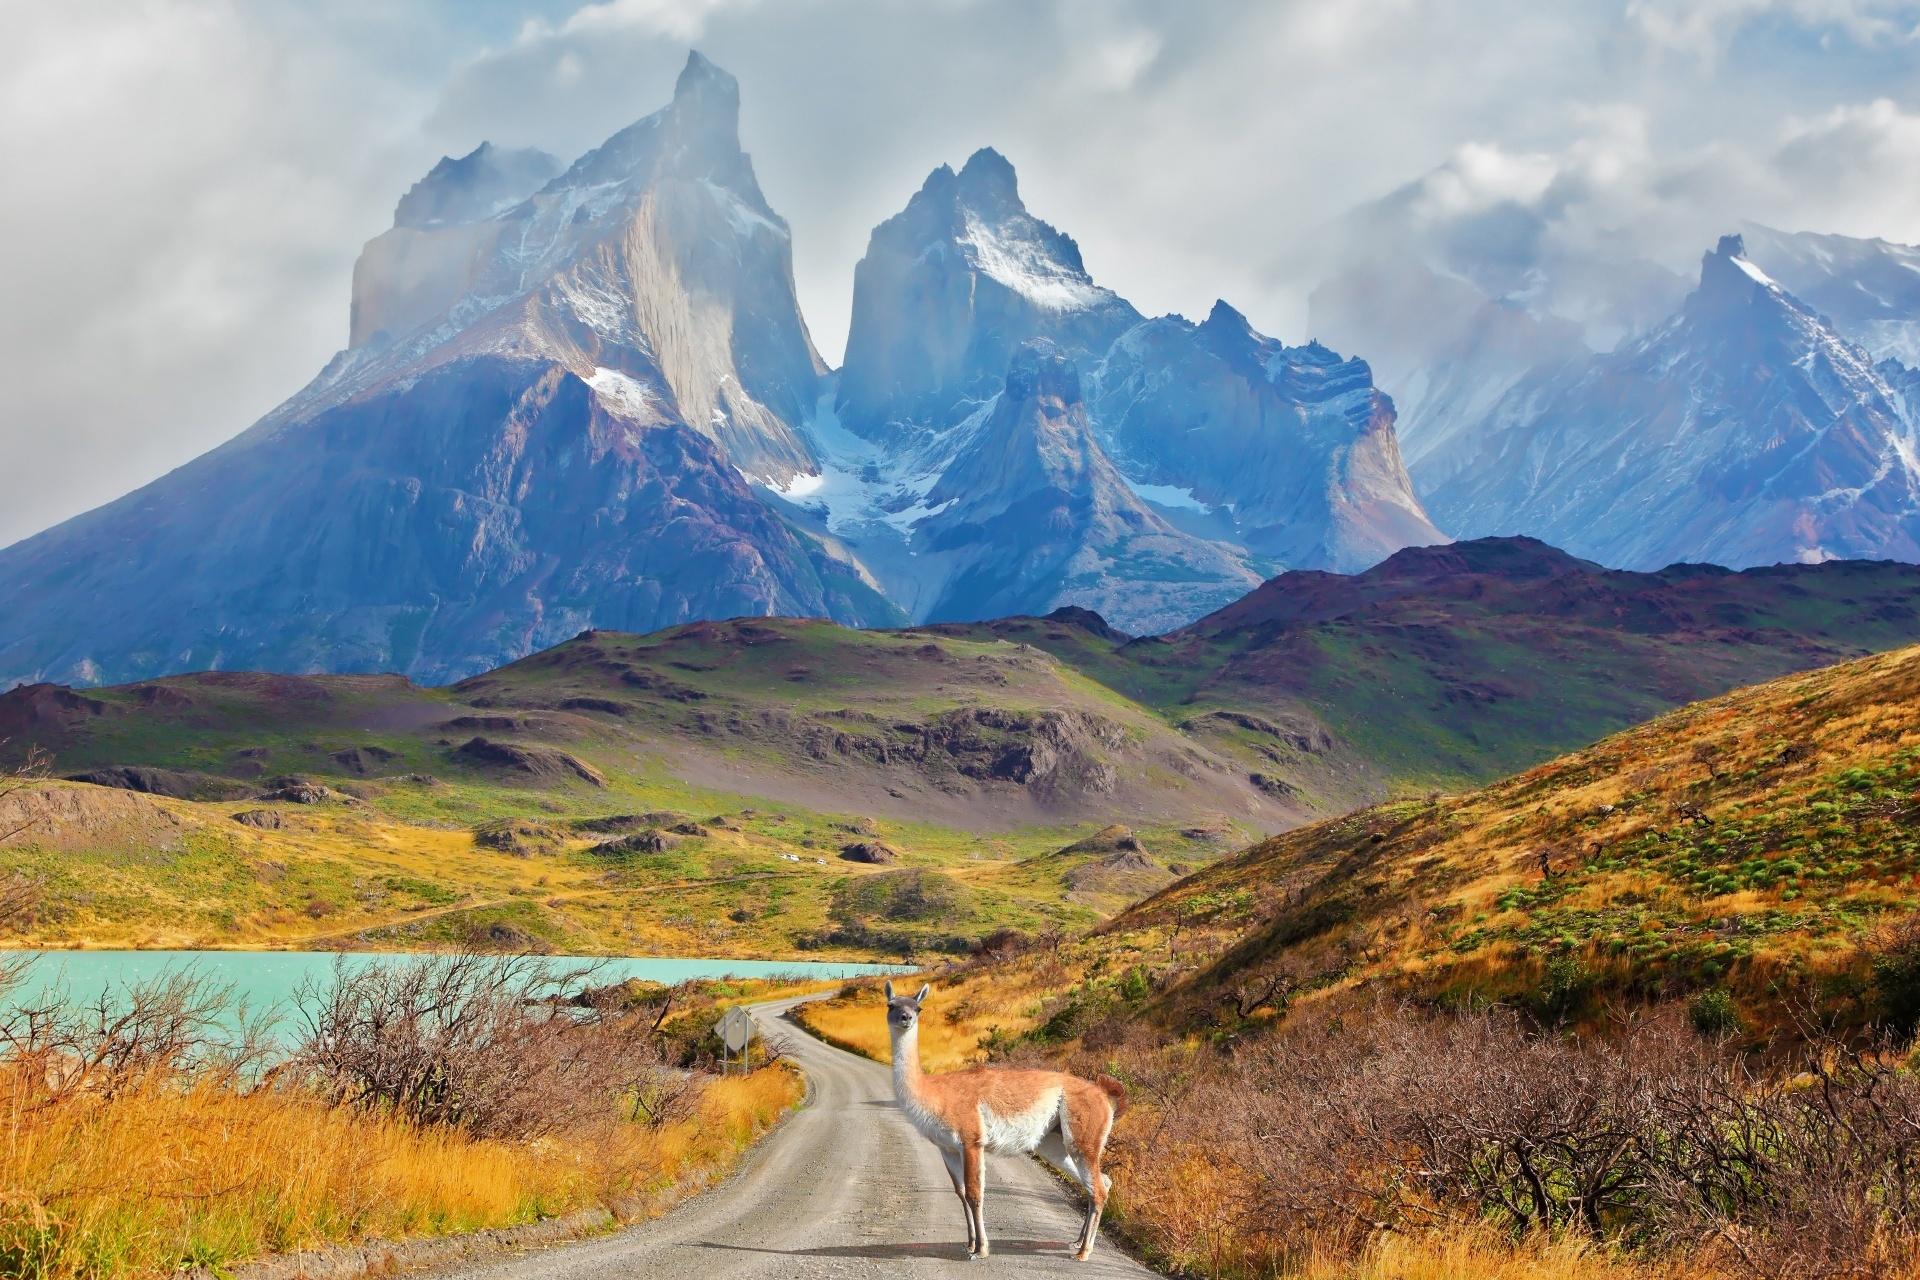 パタゴニアの風景 チリの風景